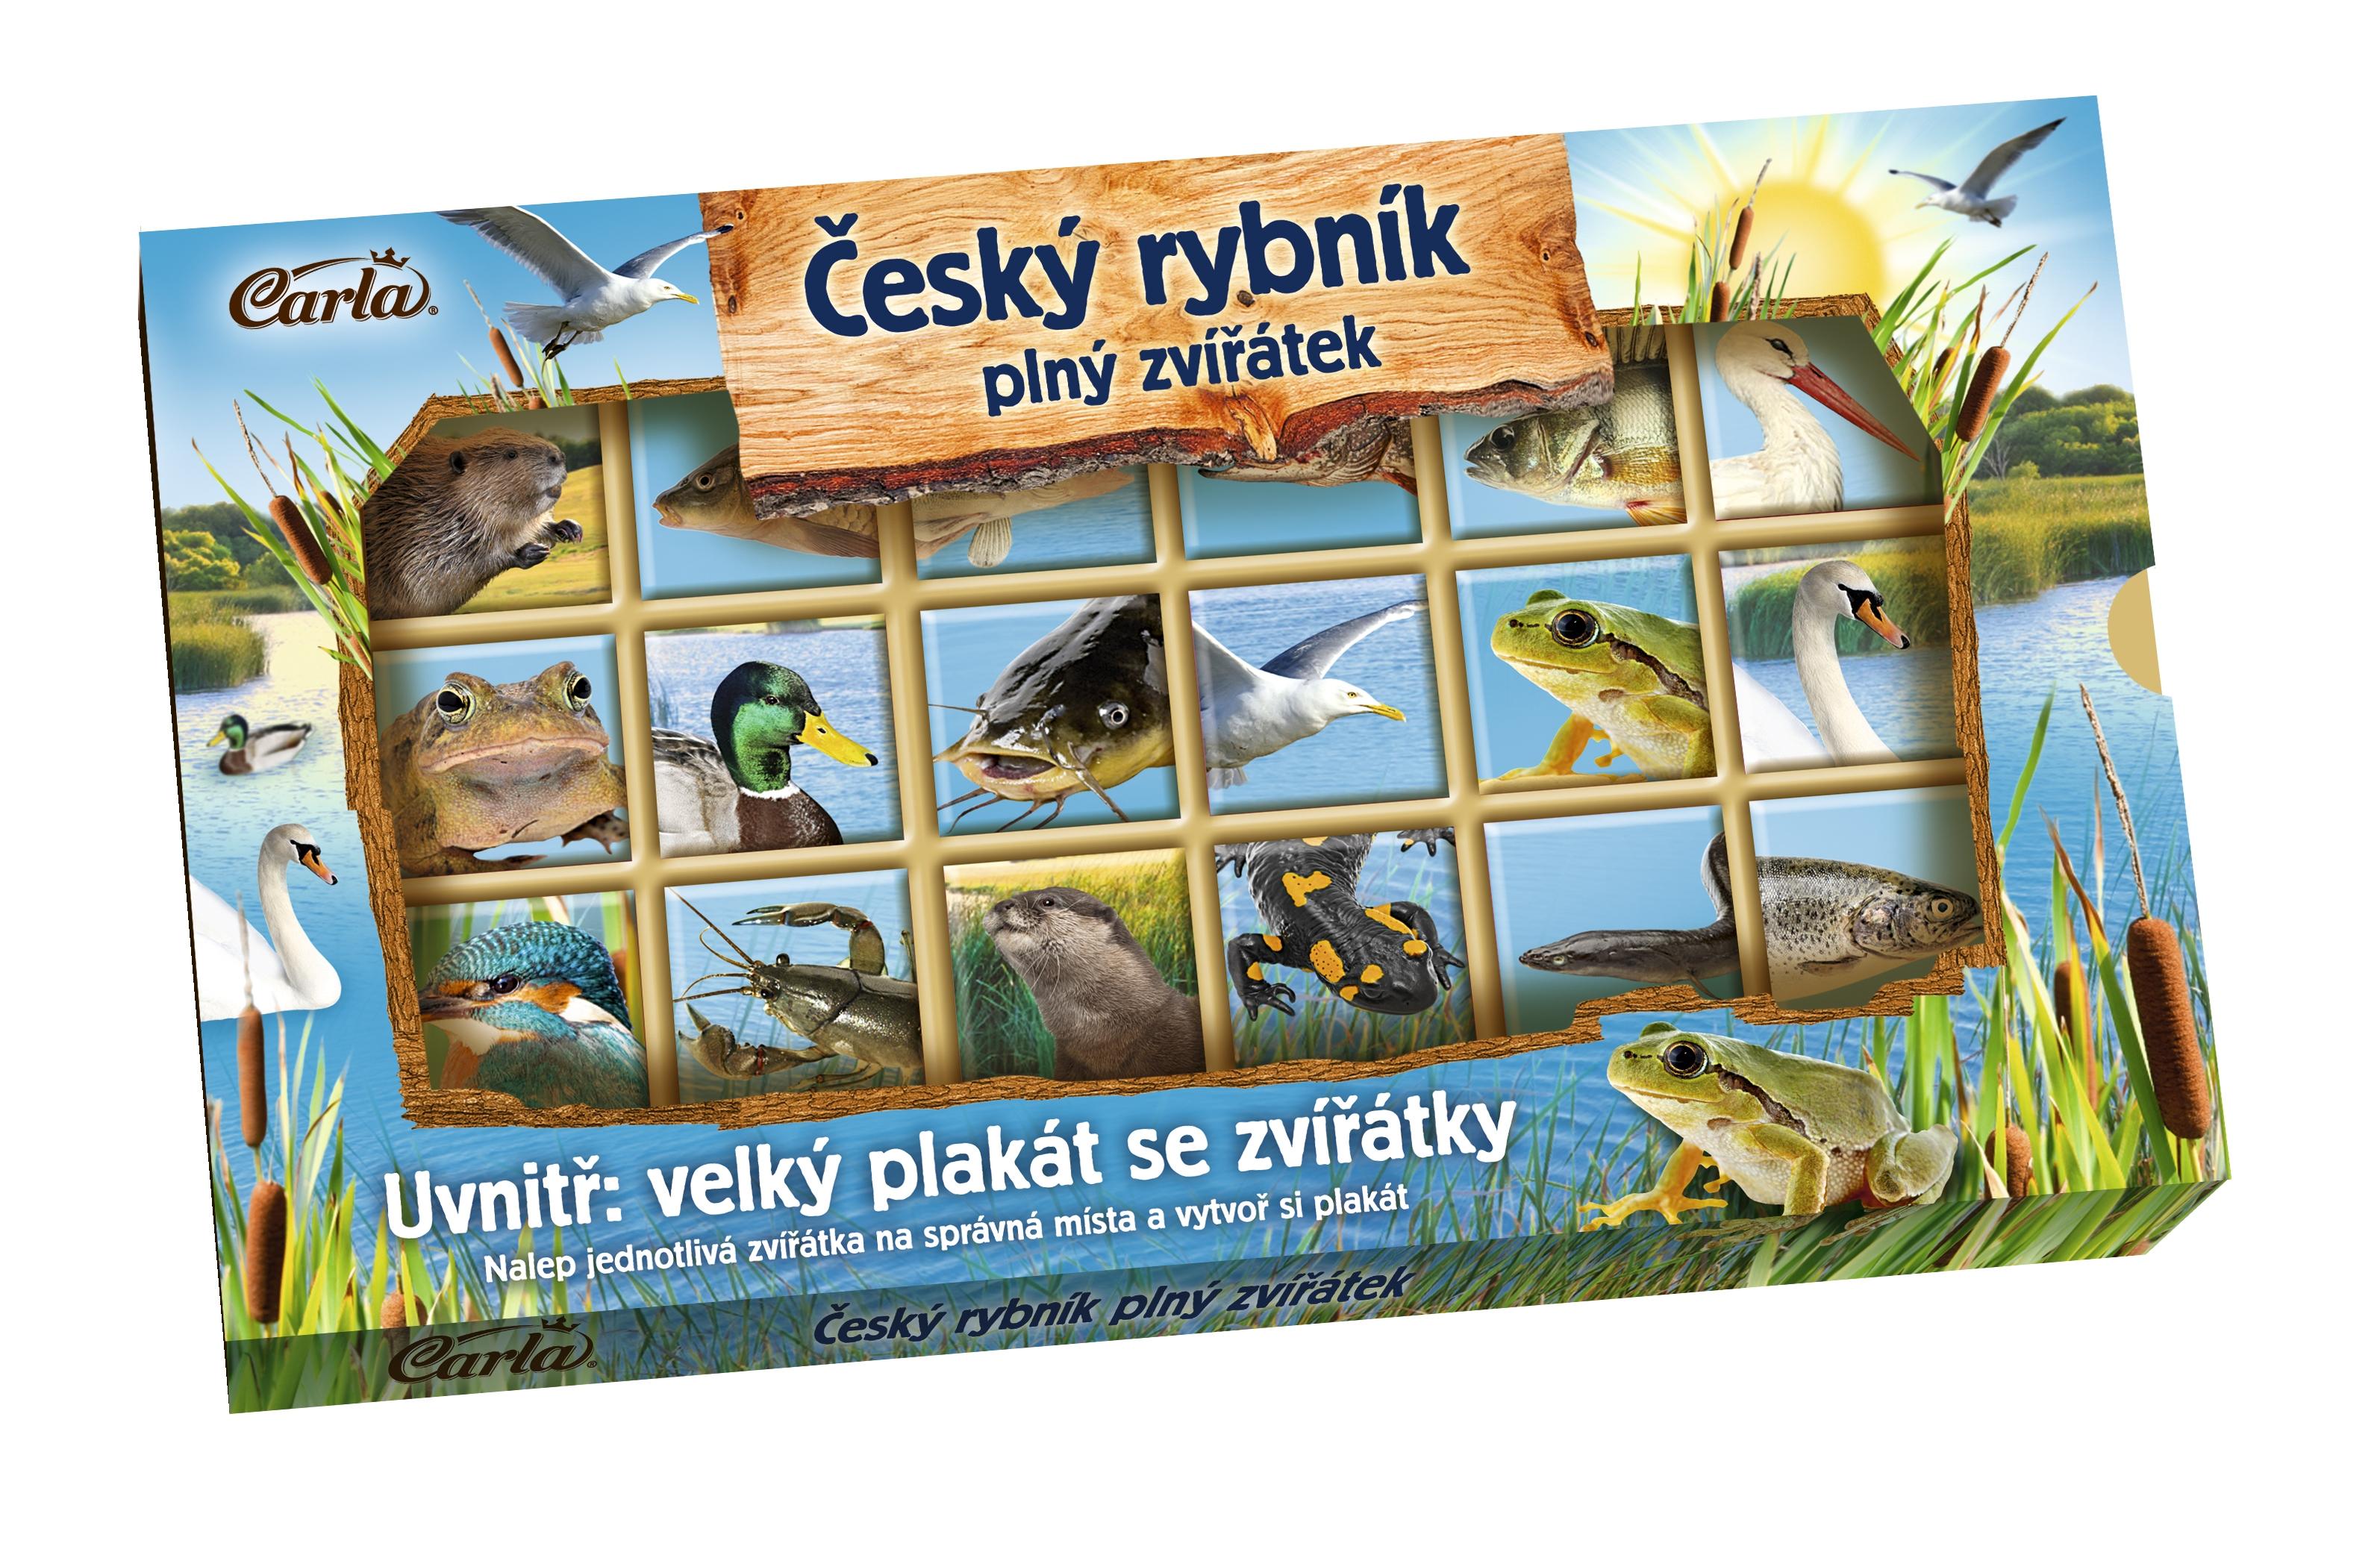 Značka Český rybník